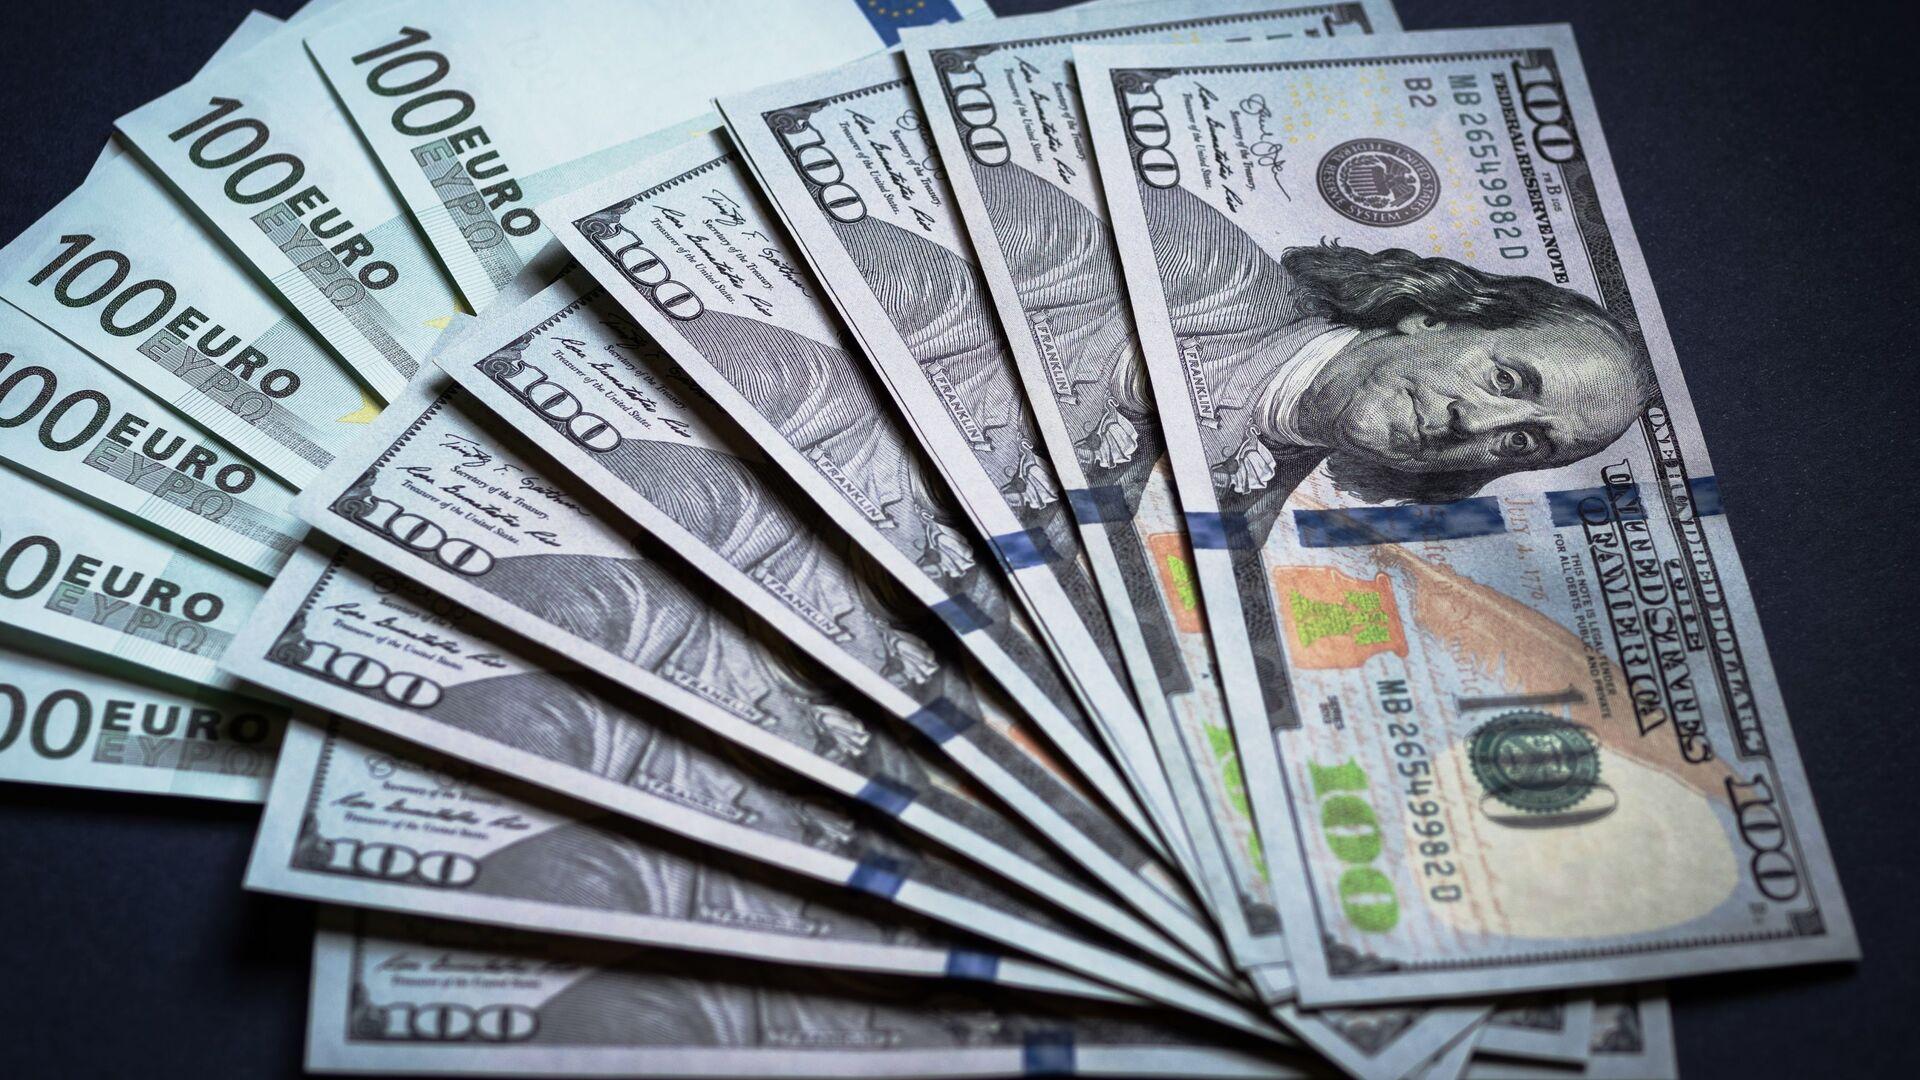 Денежные купюры: евро и доллары - Sputnik Ўзбекистон, 1920, 02.09.2021